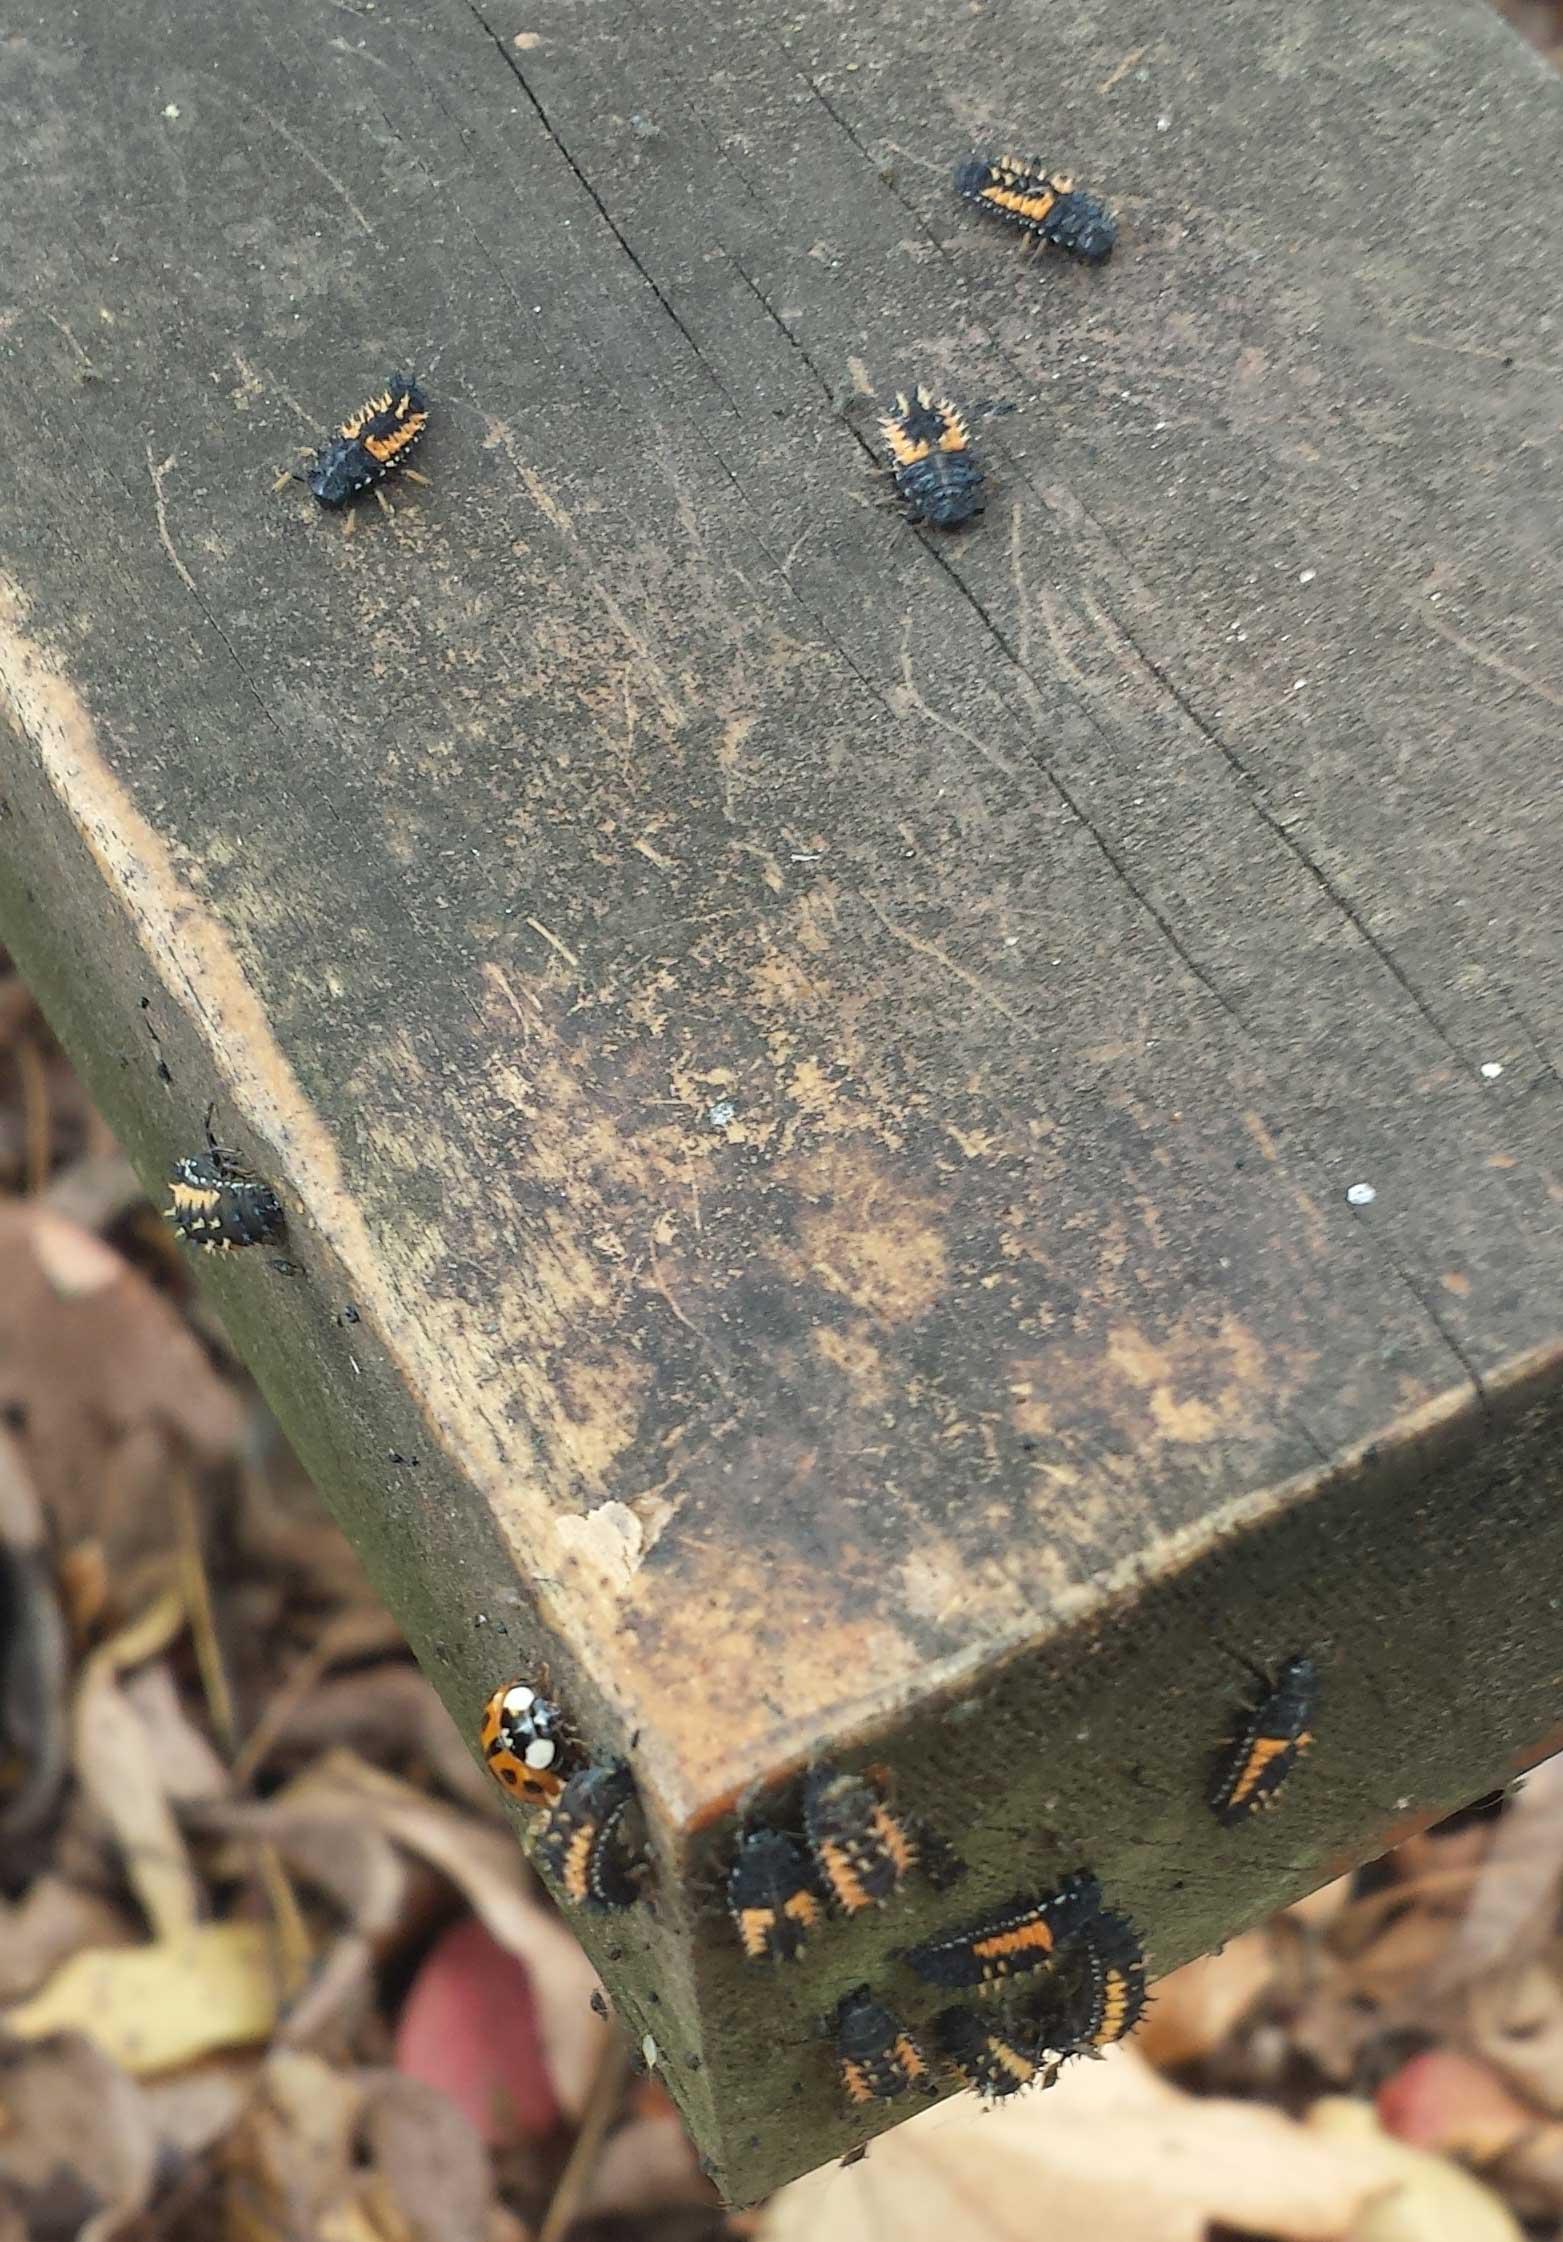 lady-beetle-larvae-1